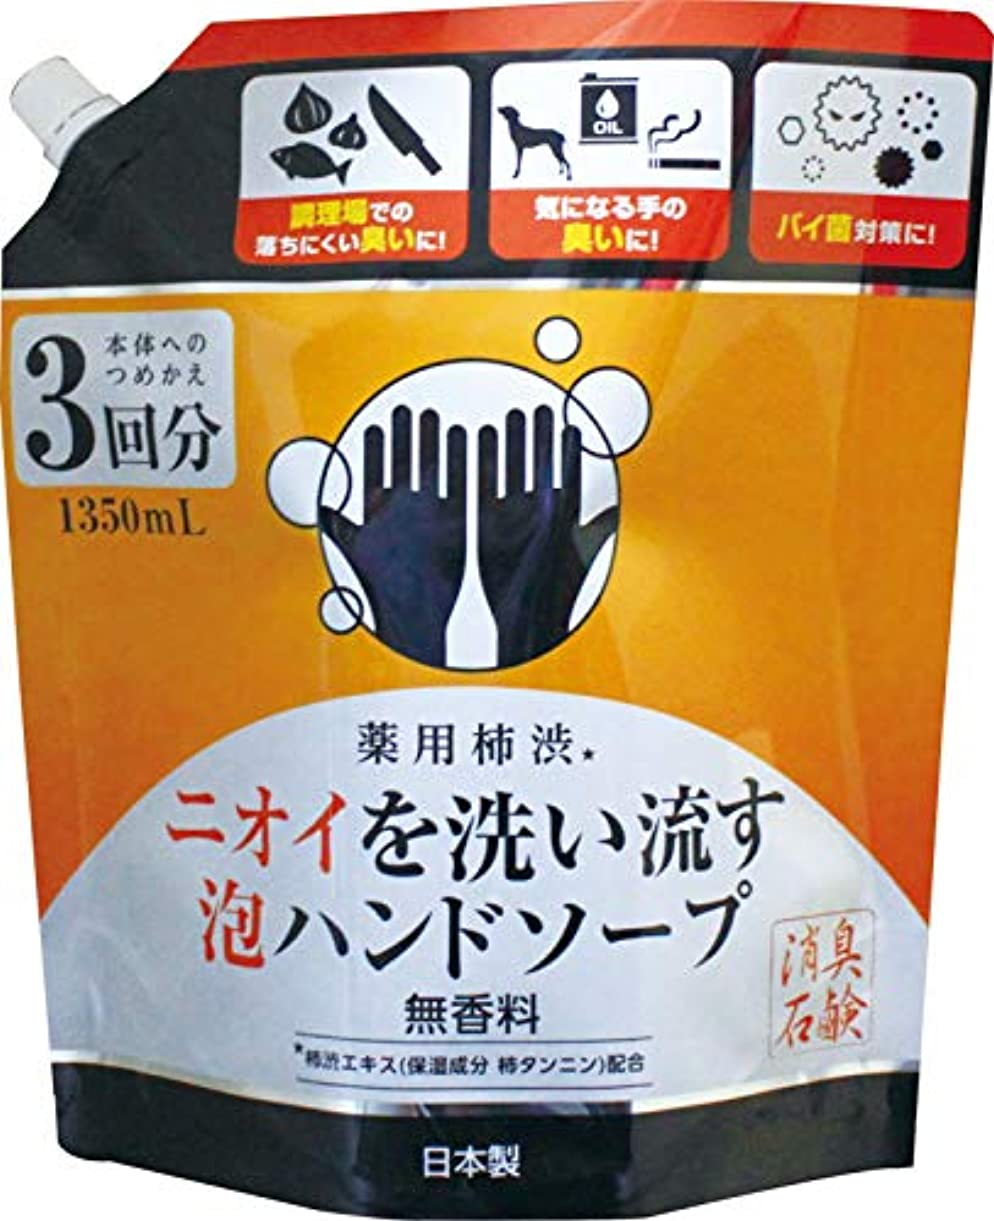 育成侵略十二薬用柿渋ニオイを洗い流す泡ハンドソープつめかえ大容量 詰替え用 1350ml